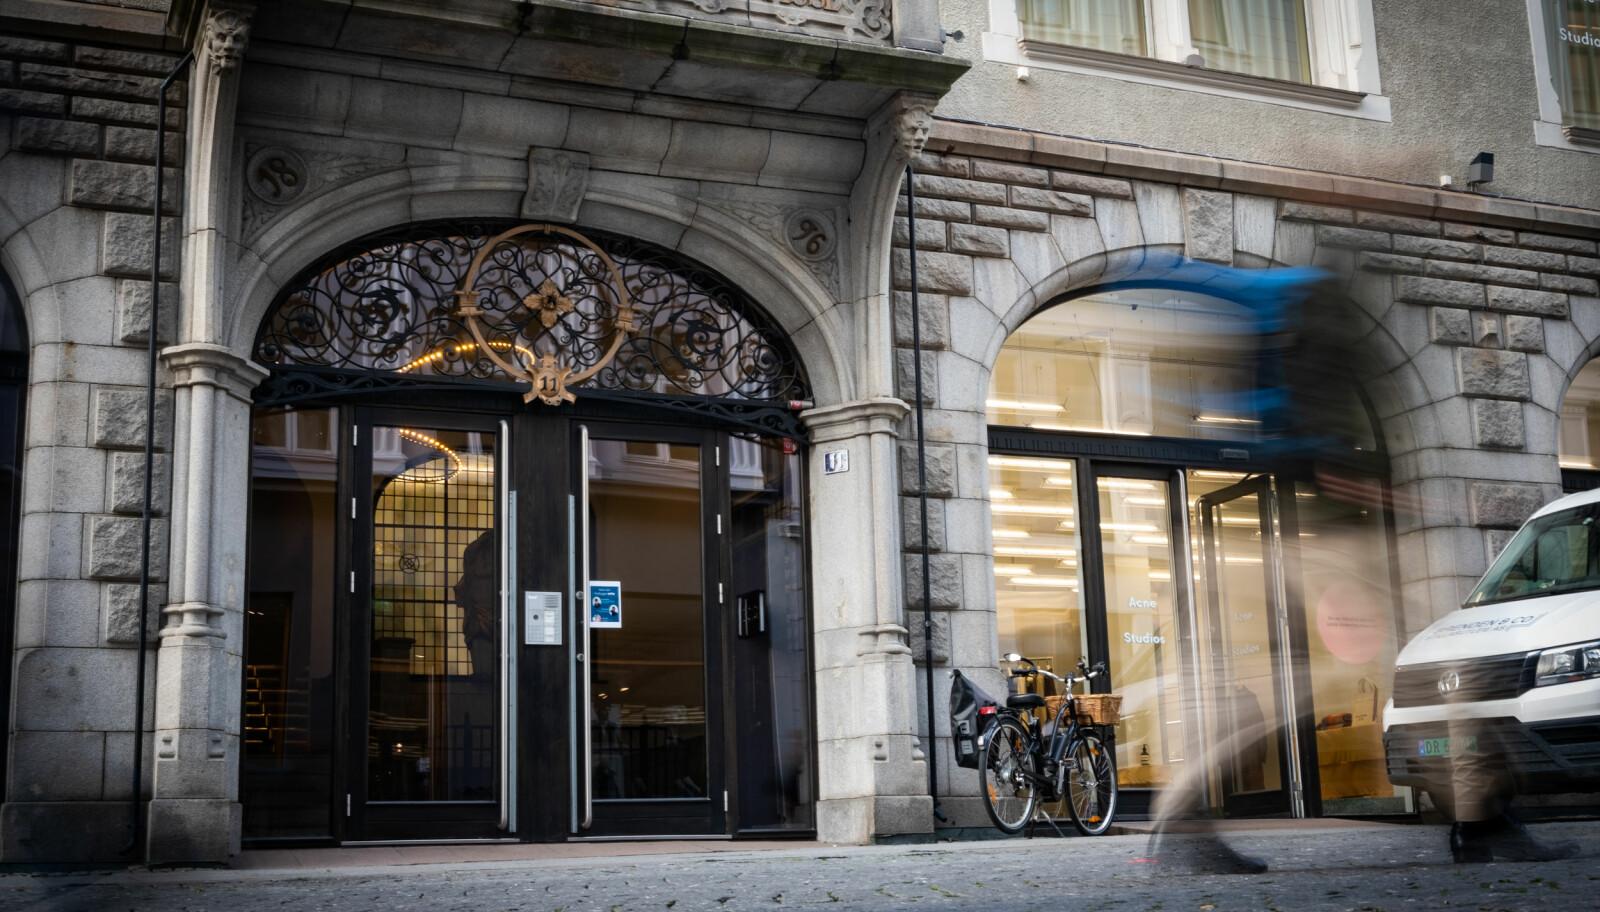 Norsk Studentforening er registrert på Øvre Slottsgate 11 i Oslo, omgitt av Karl Johan og Stortinget. Navnet til foreningen står imidlertid ikke på ringeklokka.